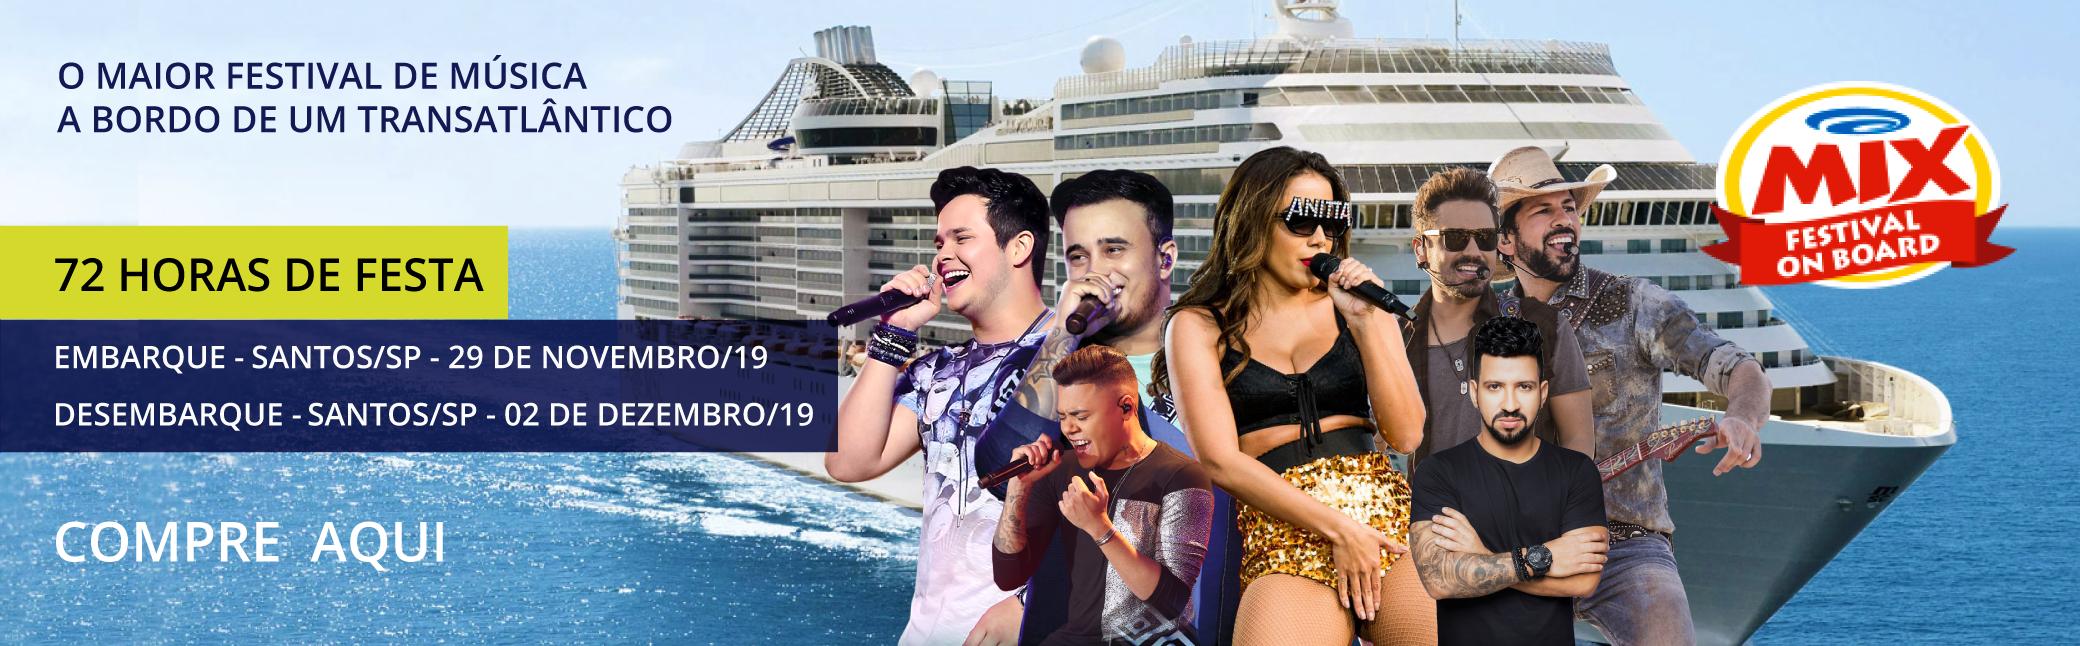 Cruzeiro Mix - Festival On Board